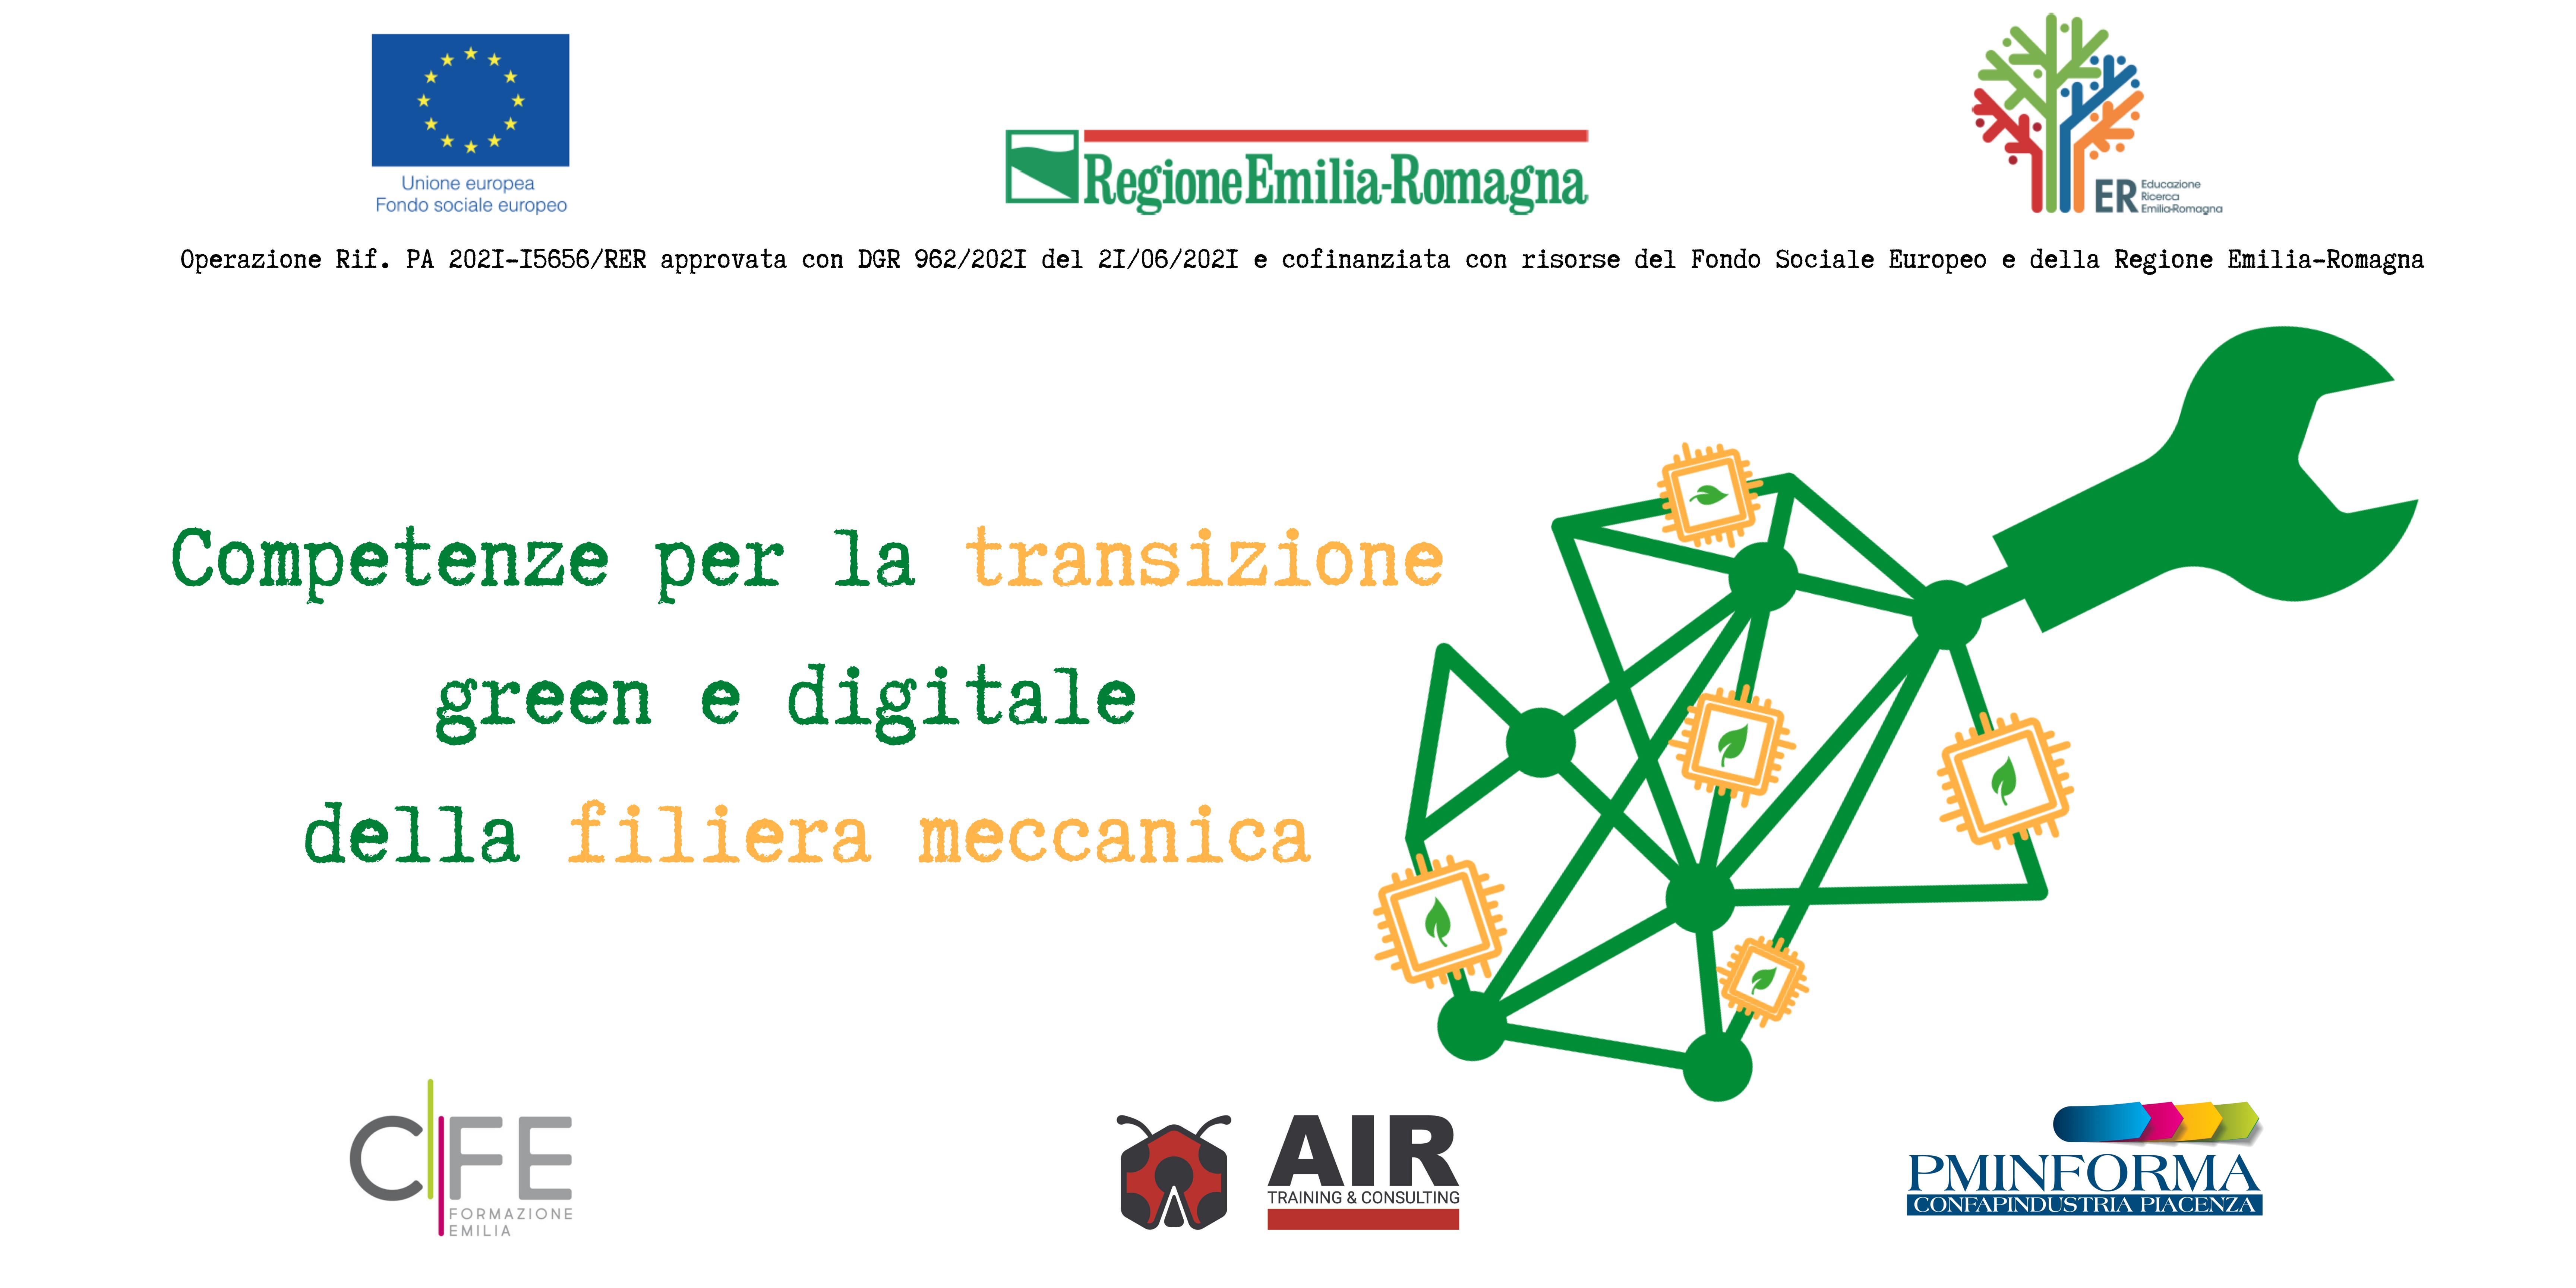 COMPETENZE PER LA TRANSIZIONE GREEN E DIGITALE DELLA FILIERA MECCANICA